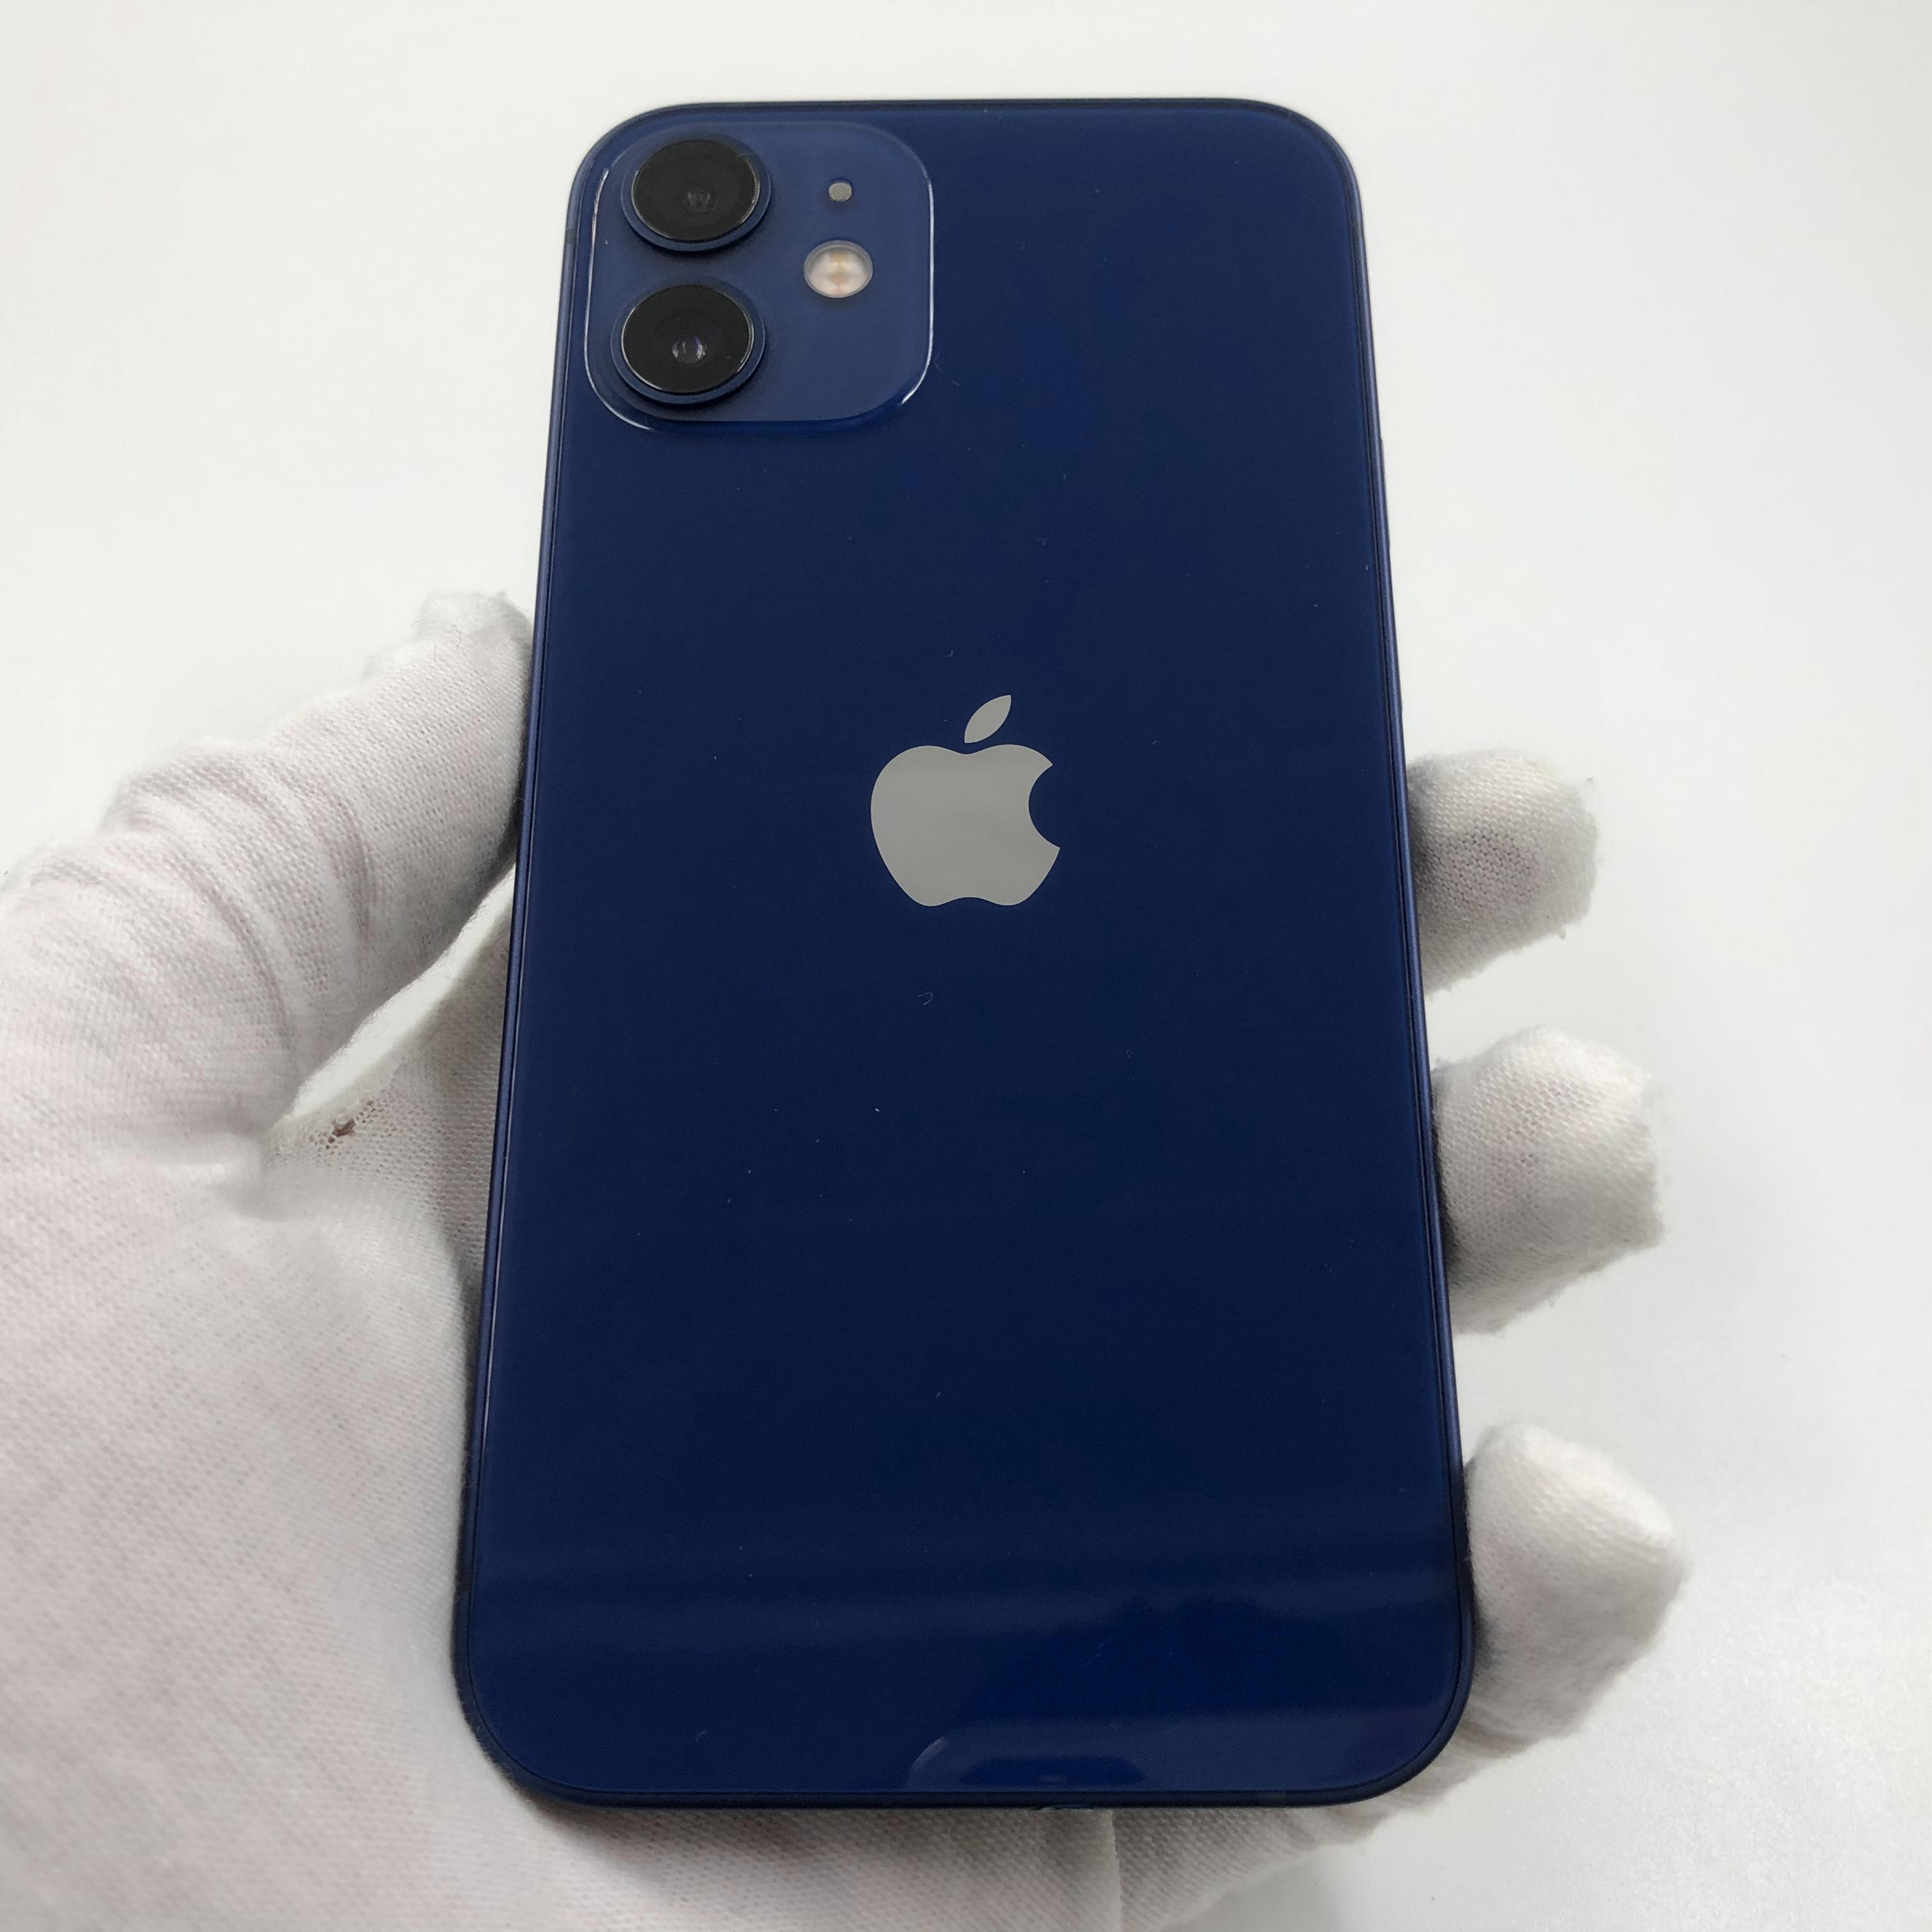 苹果【iPhone 12 mini】5G全网通 蓝色 64G 国行 95新 真机实拍官保2022-01-02